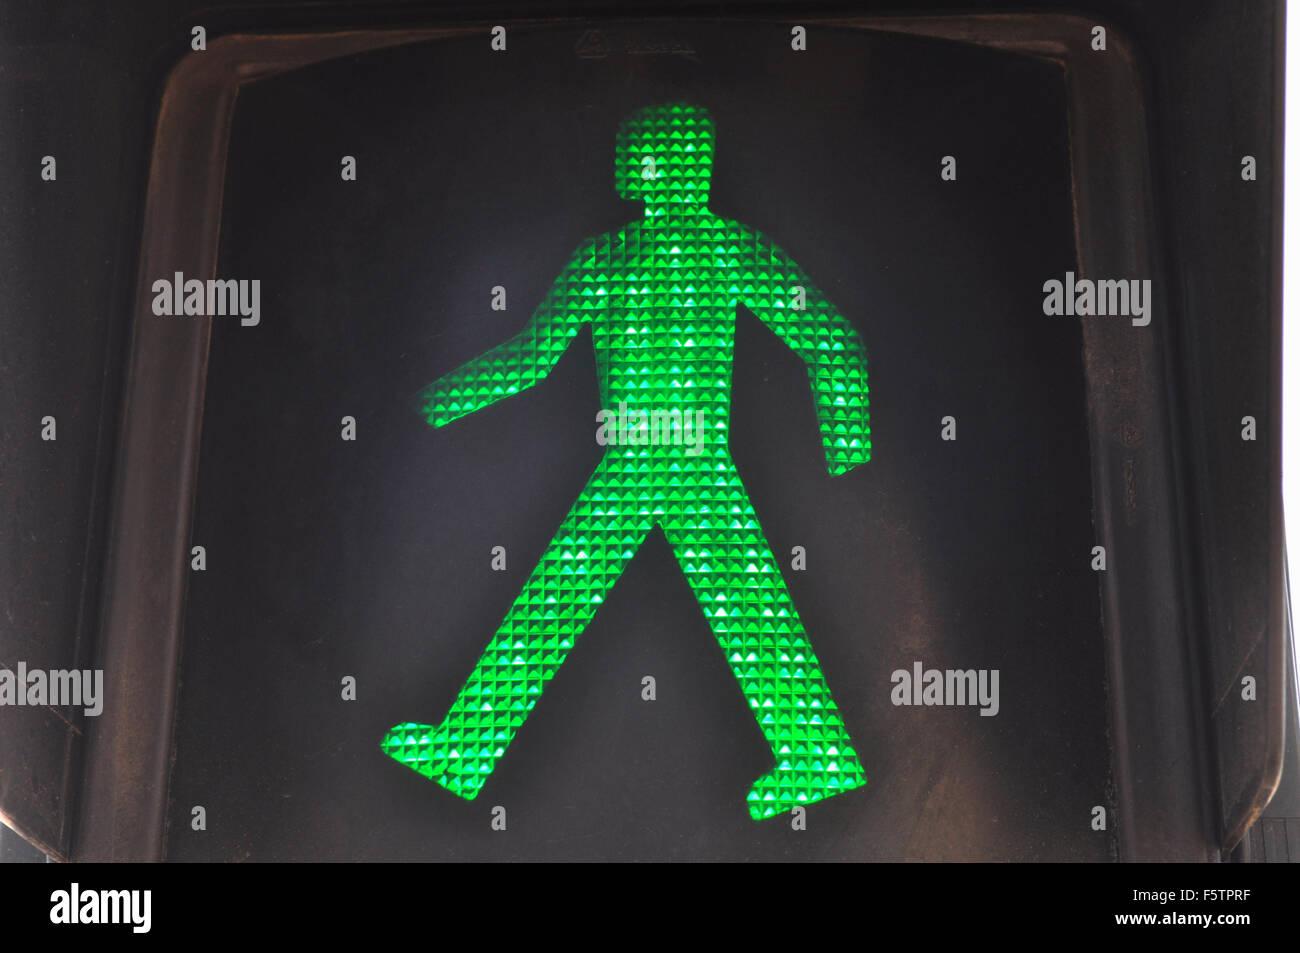 El hombre verde en el semáforo, indicando que es seguro para caminar y cruzar la carretera, España Imagen De Stock